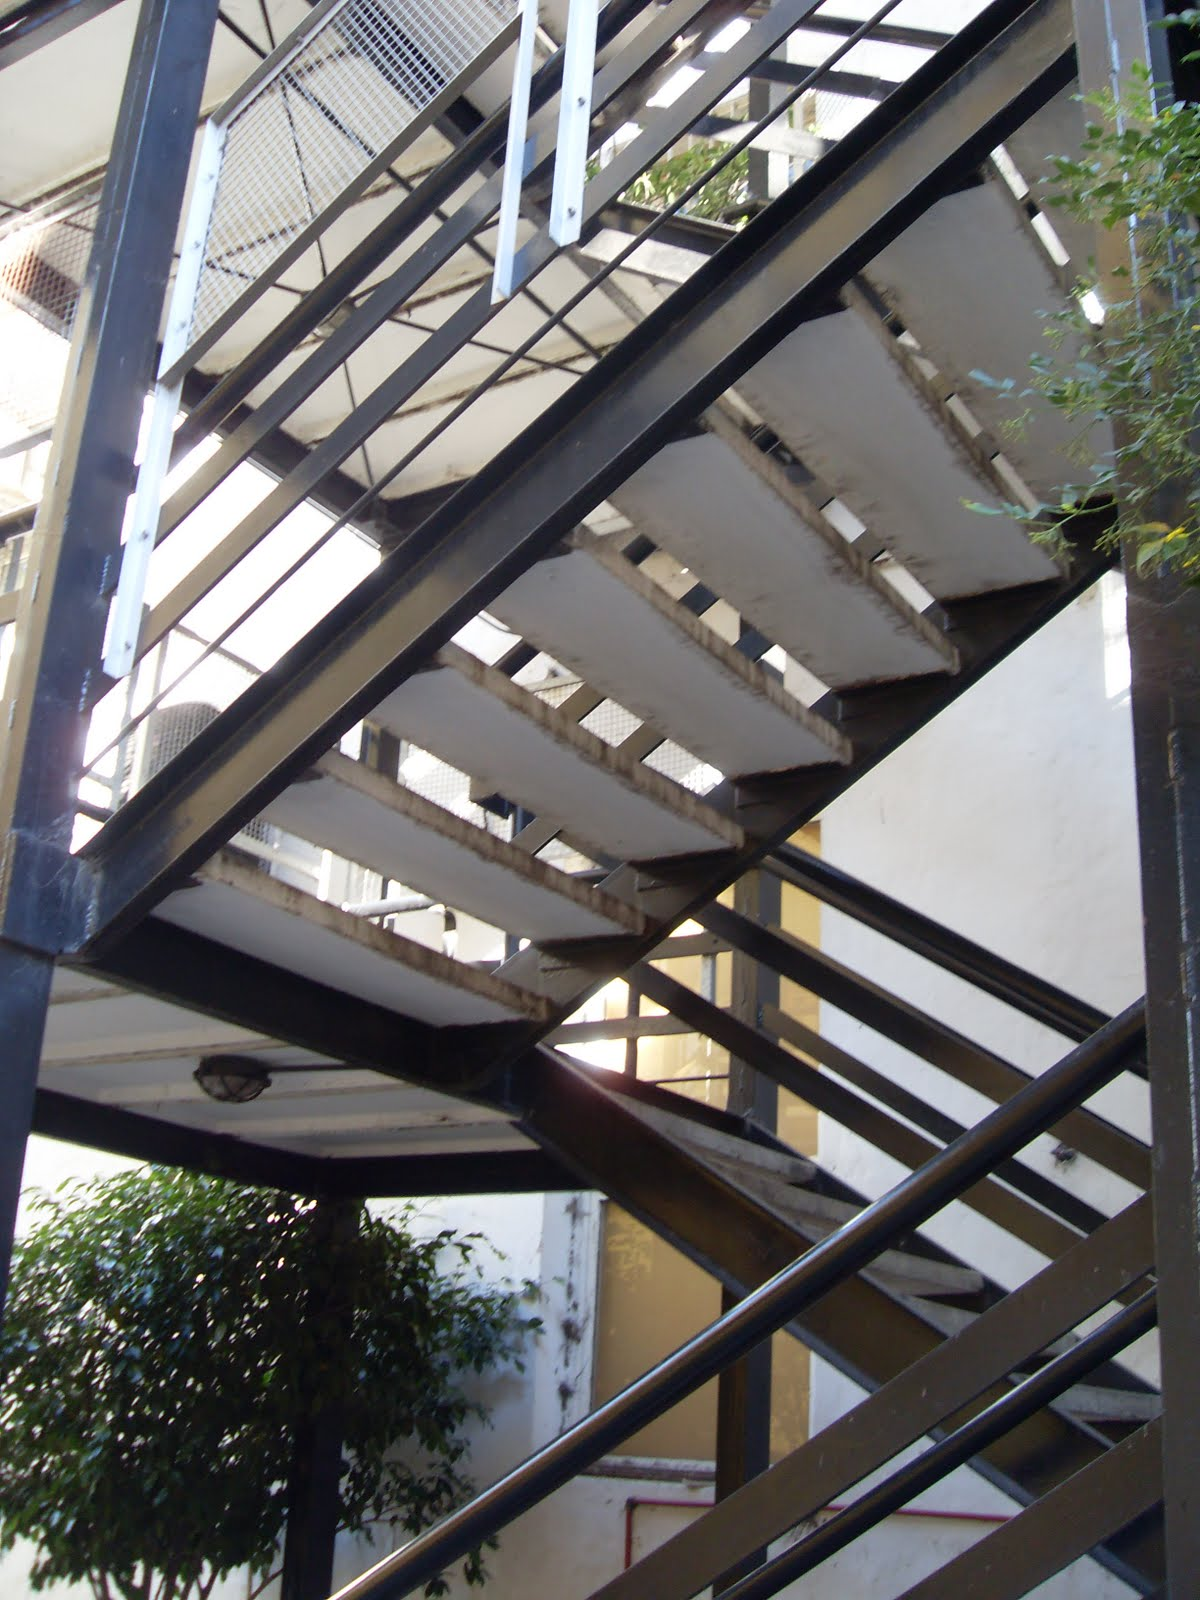 Escaleras steel frame aprender autocad revit for Escalera de hormigon con descanso